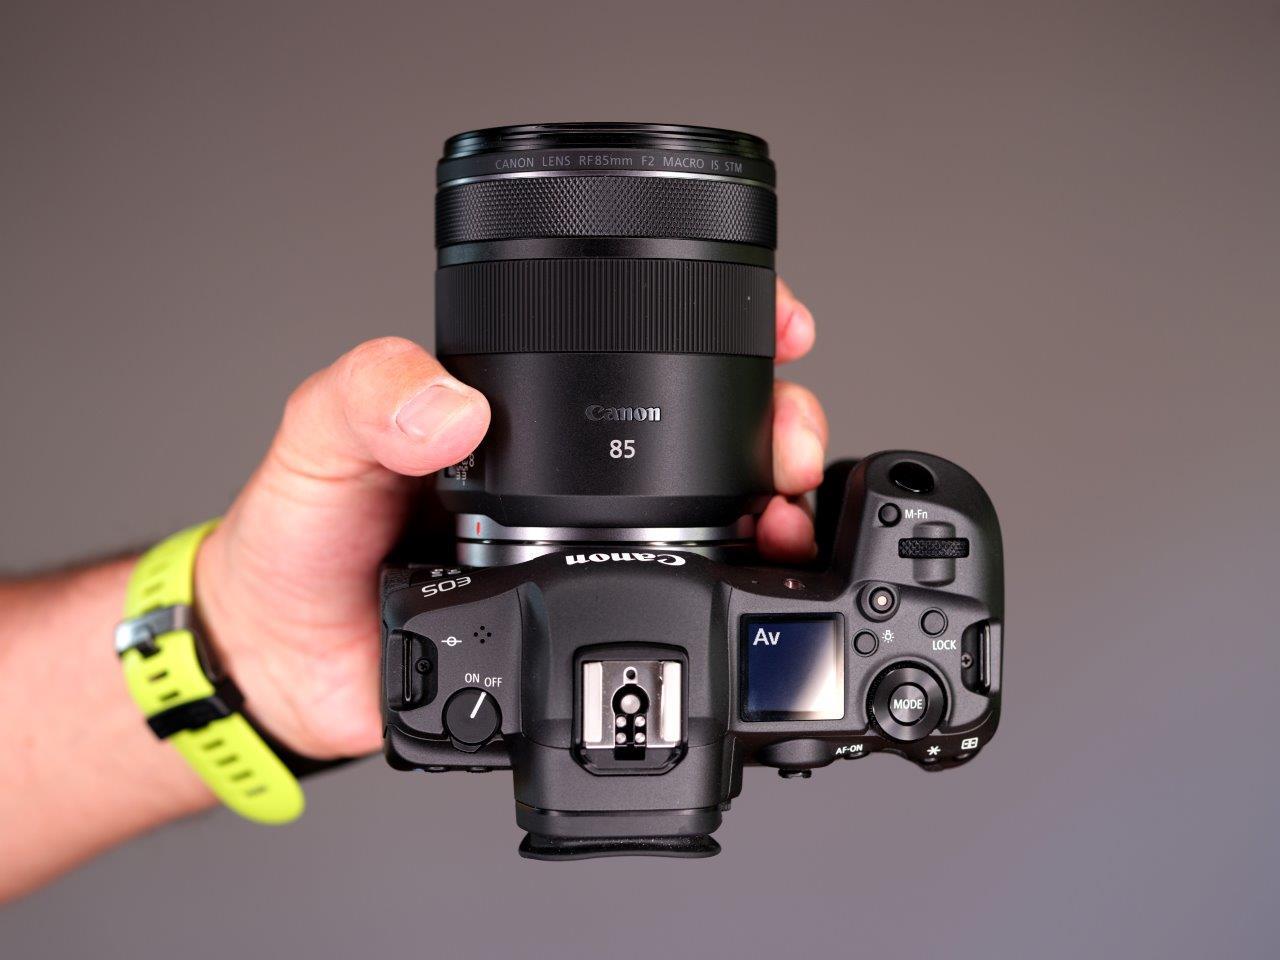 Testbericht: Canon EOS R5 - Wieder an der Spitze angelangt